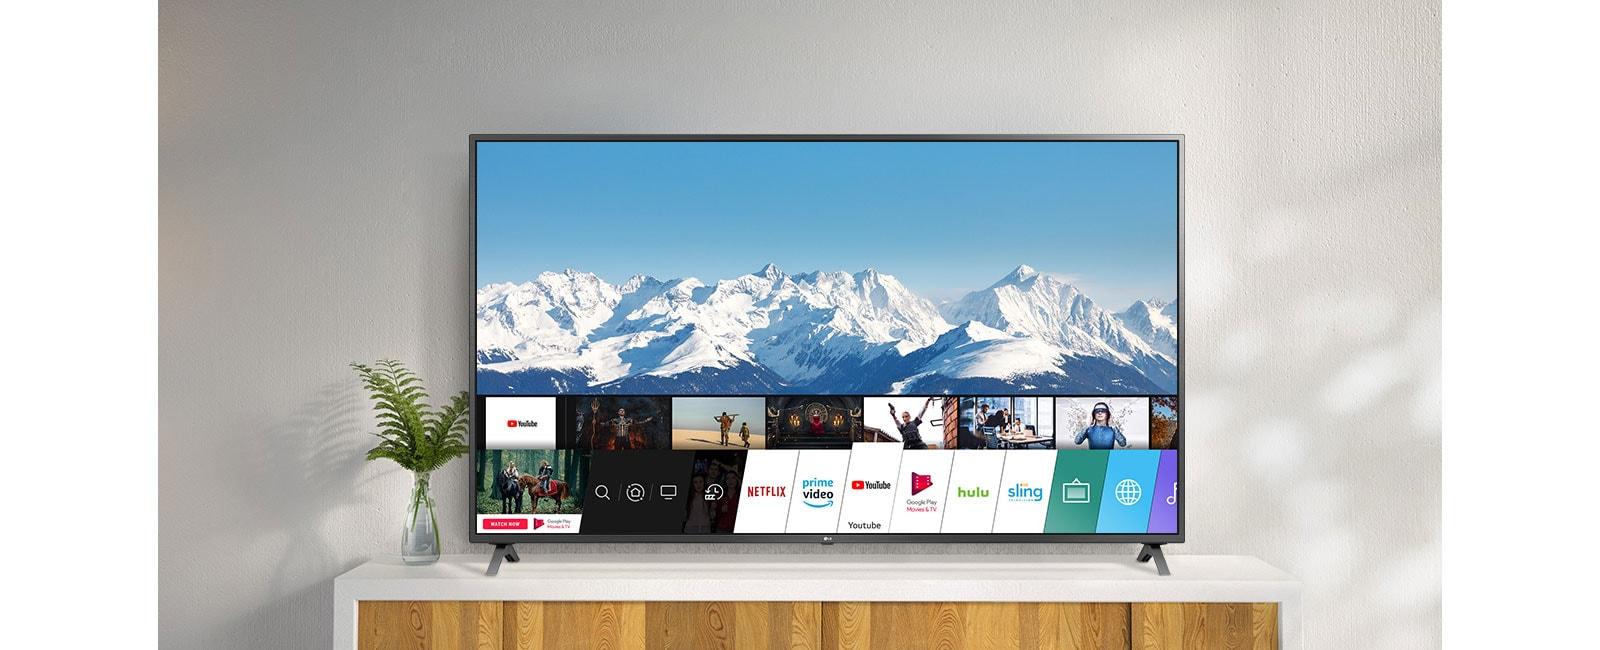 Un televisor encima de un soporte blanco contra una pared blanca. El televisor muestra la pantalla de inicio con webOS.